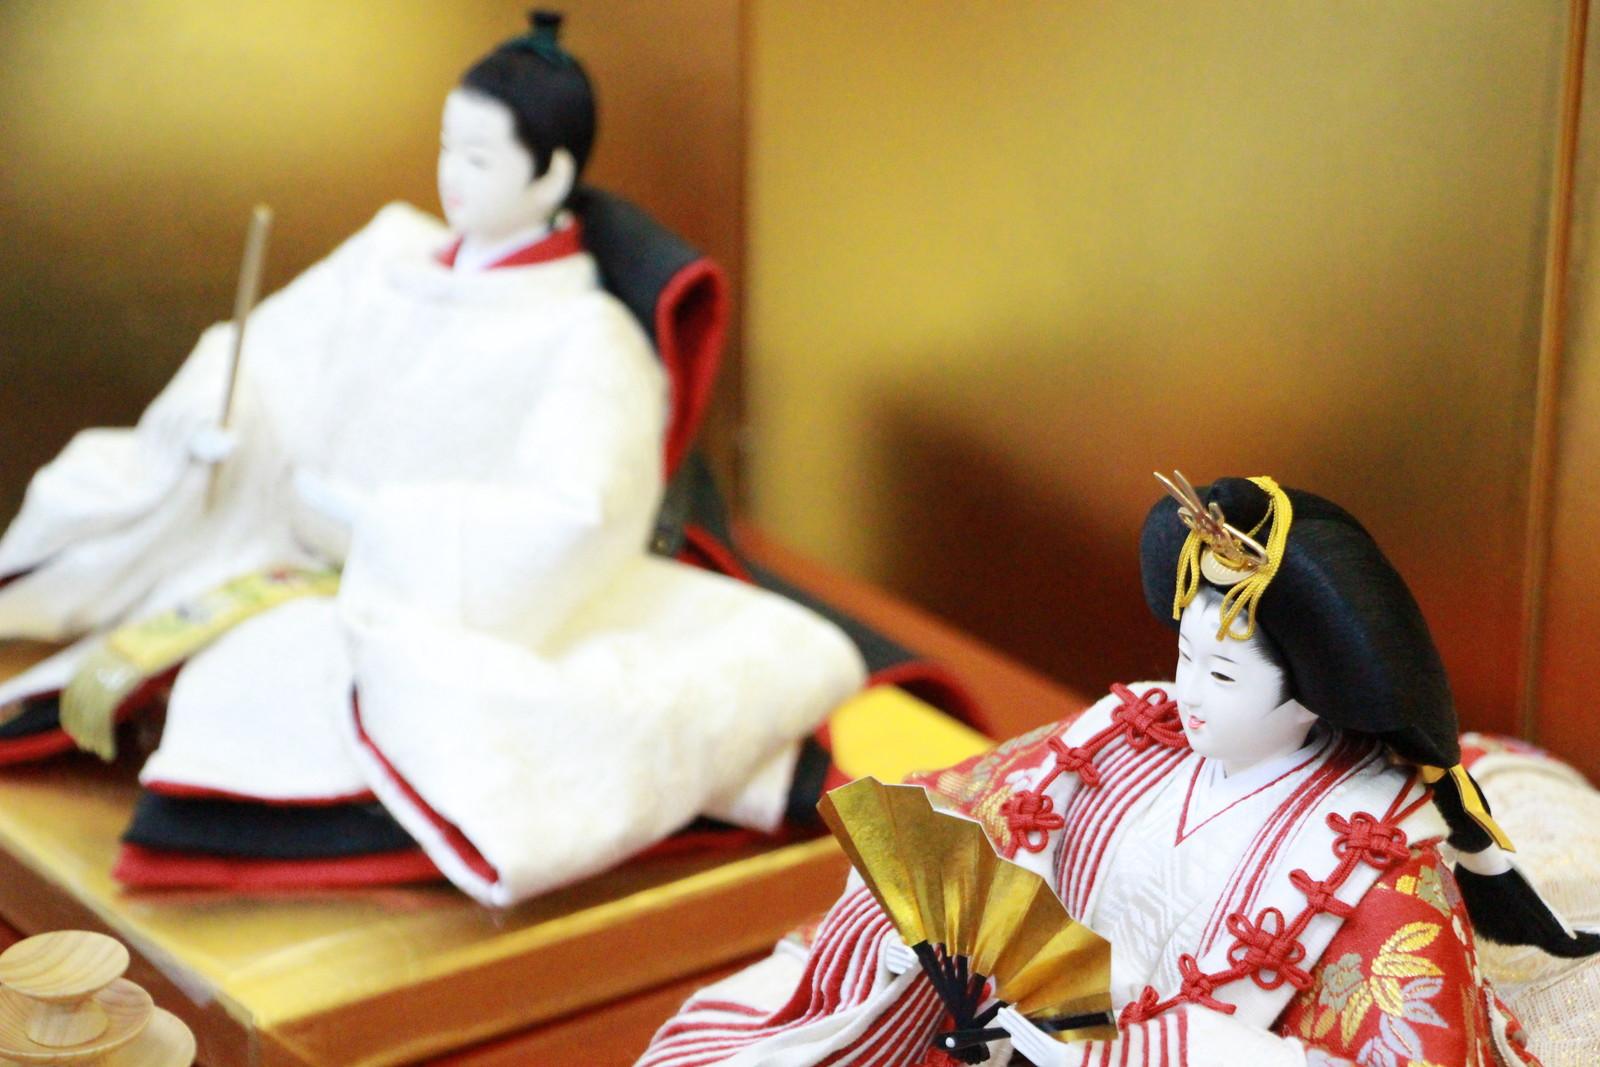 アート&デザイン後藤由香子作寿鶴創作雛人形平飾り【雛人形親王飾り】